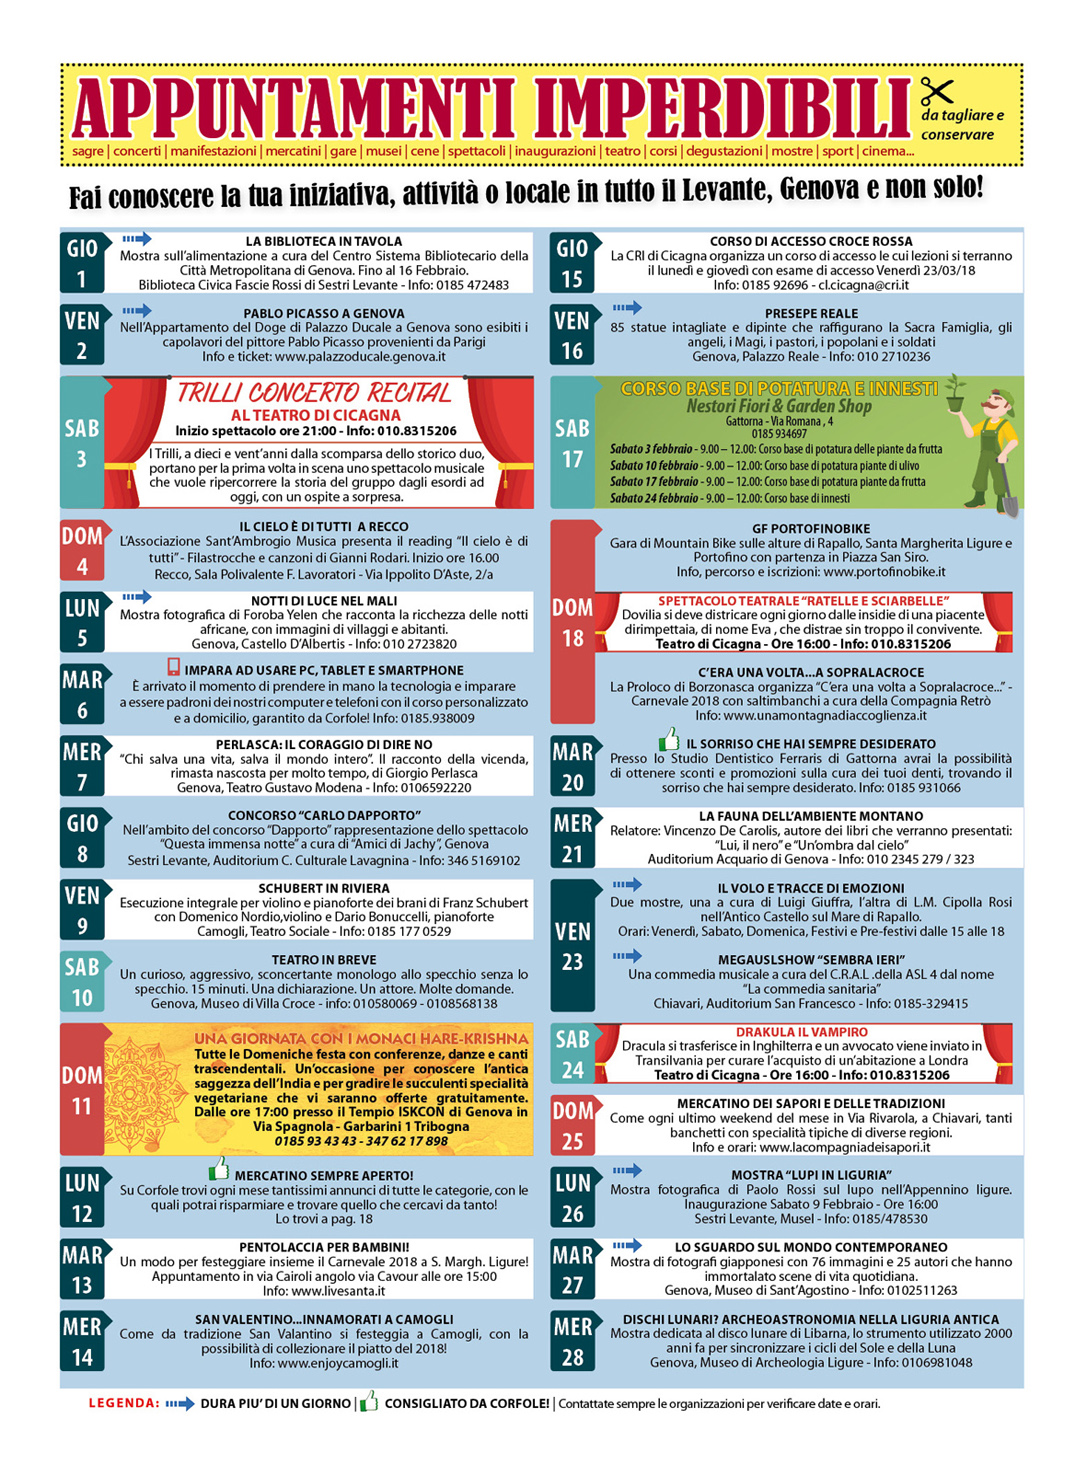 CALENDARIO EVENTI FEBBRAIO: sagre, mercatini, concerti, spettacoli, teatro, mostre, corsi, ristoranti e molto altro